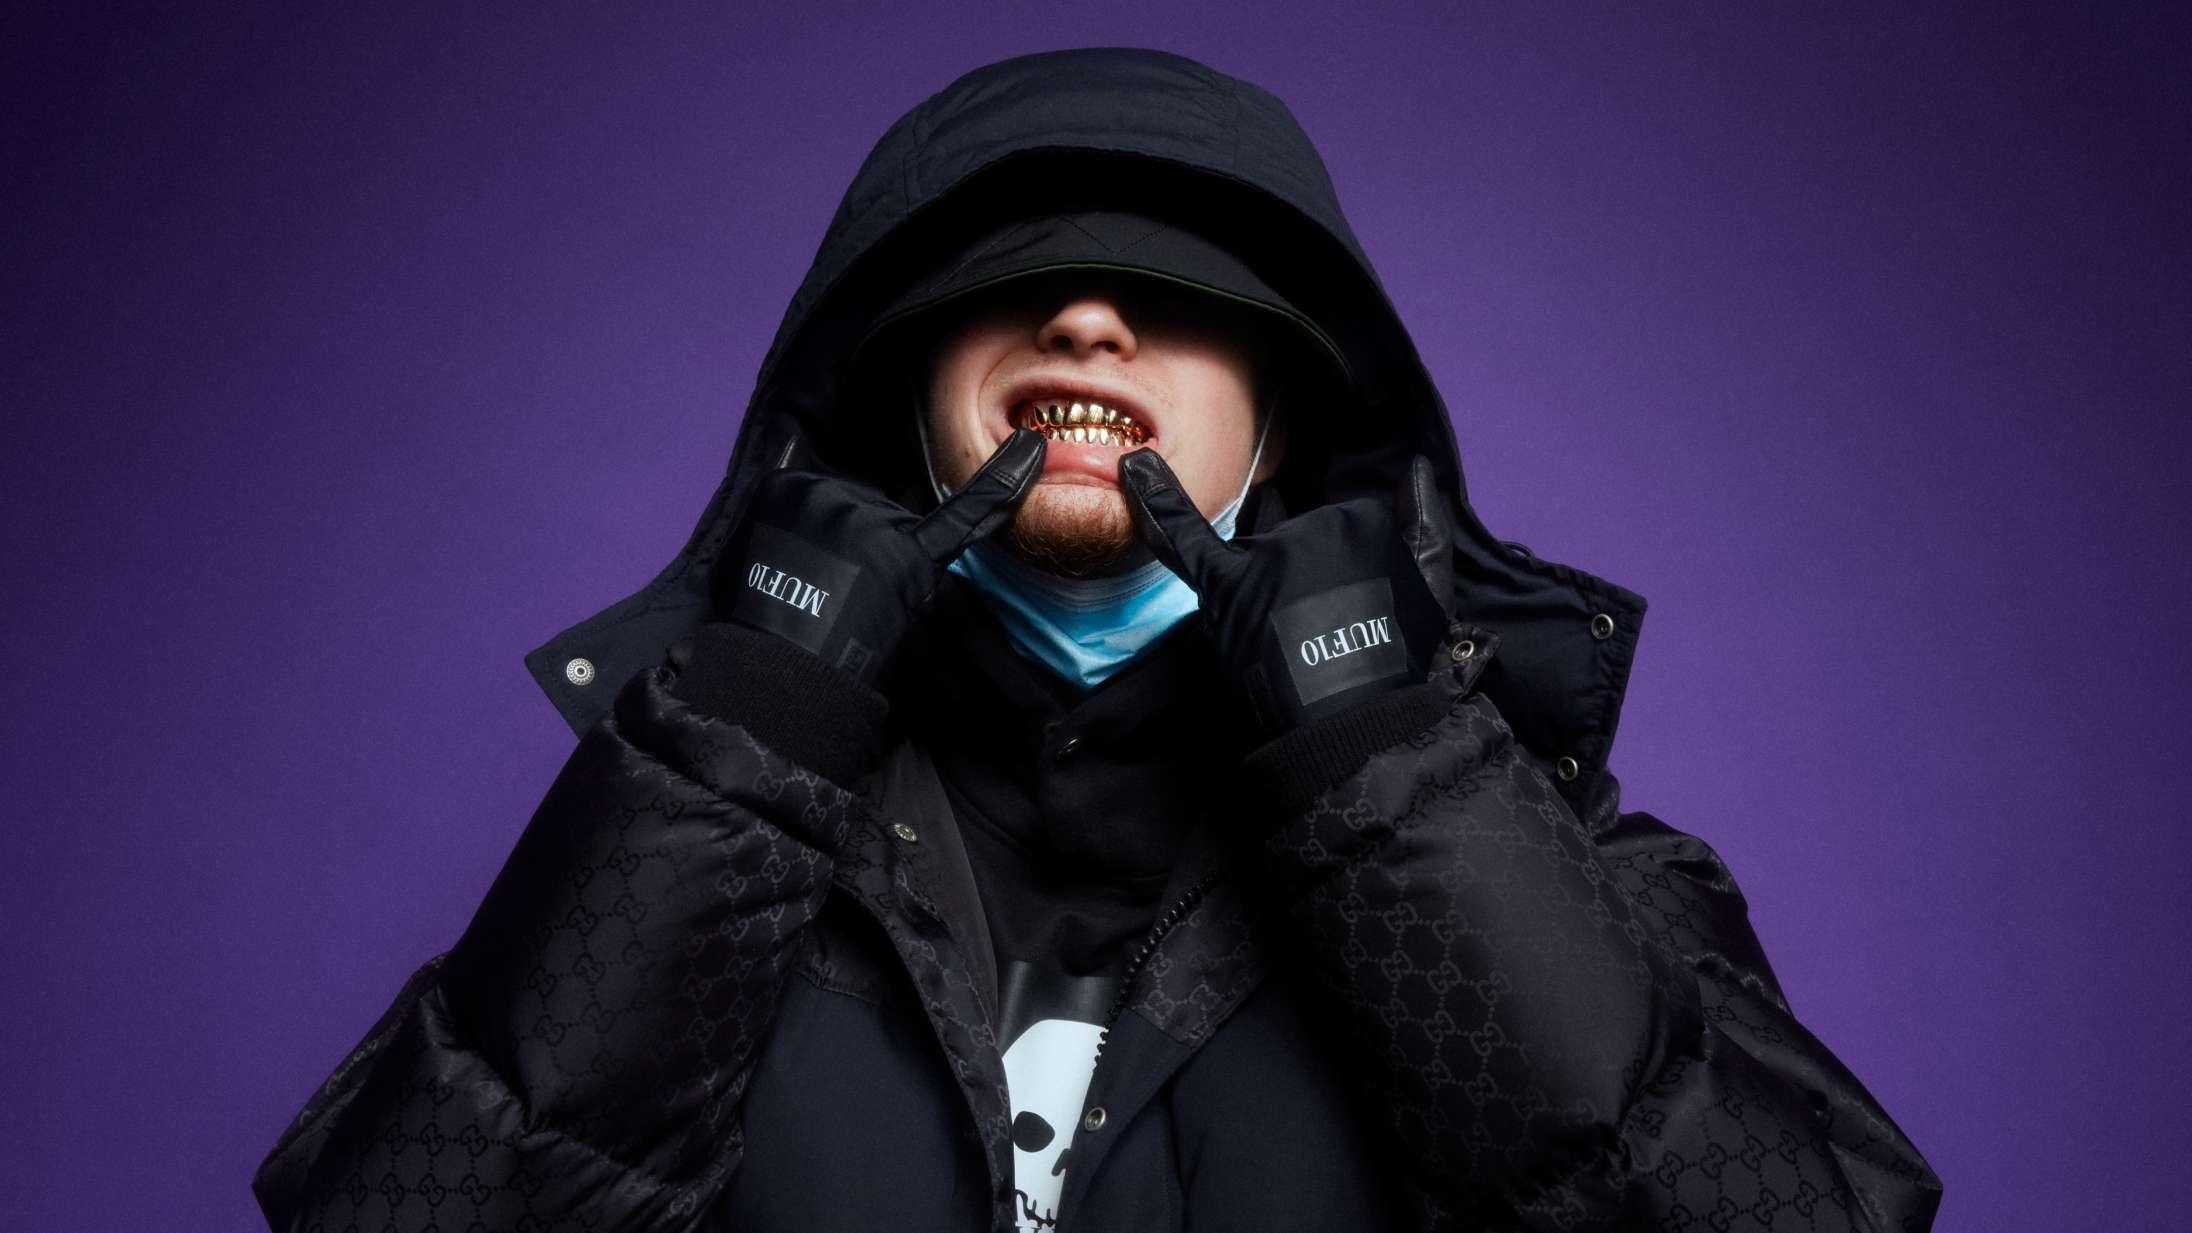 Den danske drill-rapper Miklos fængsling følger desværre et velkendt mønster